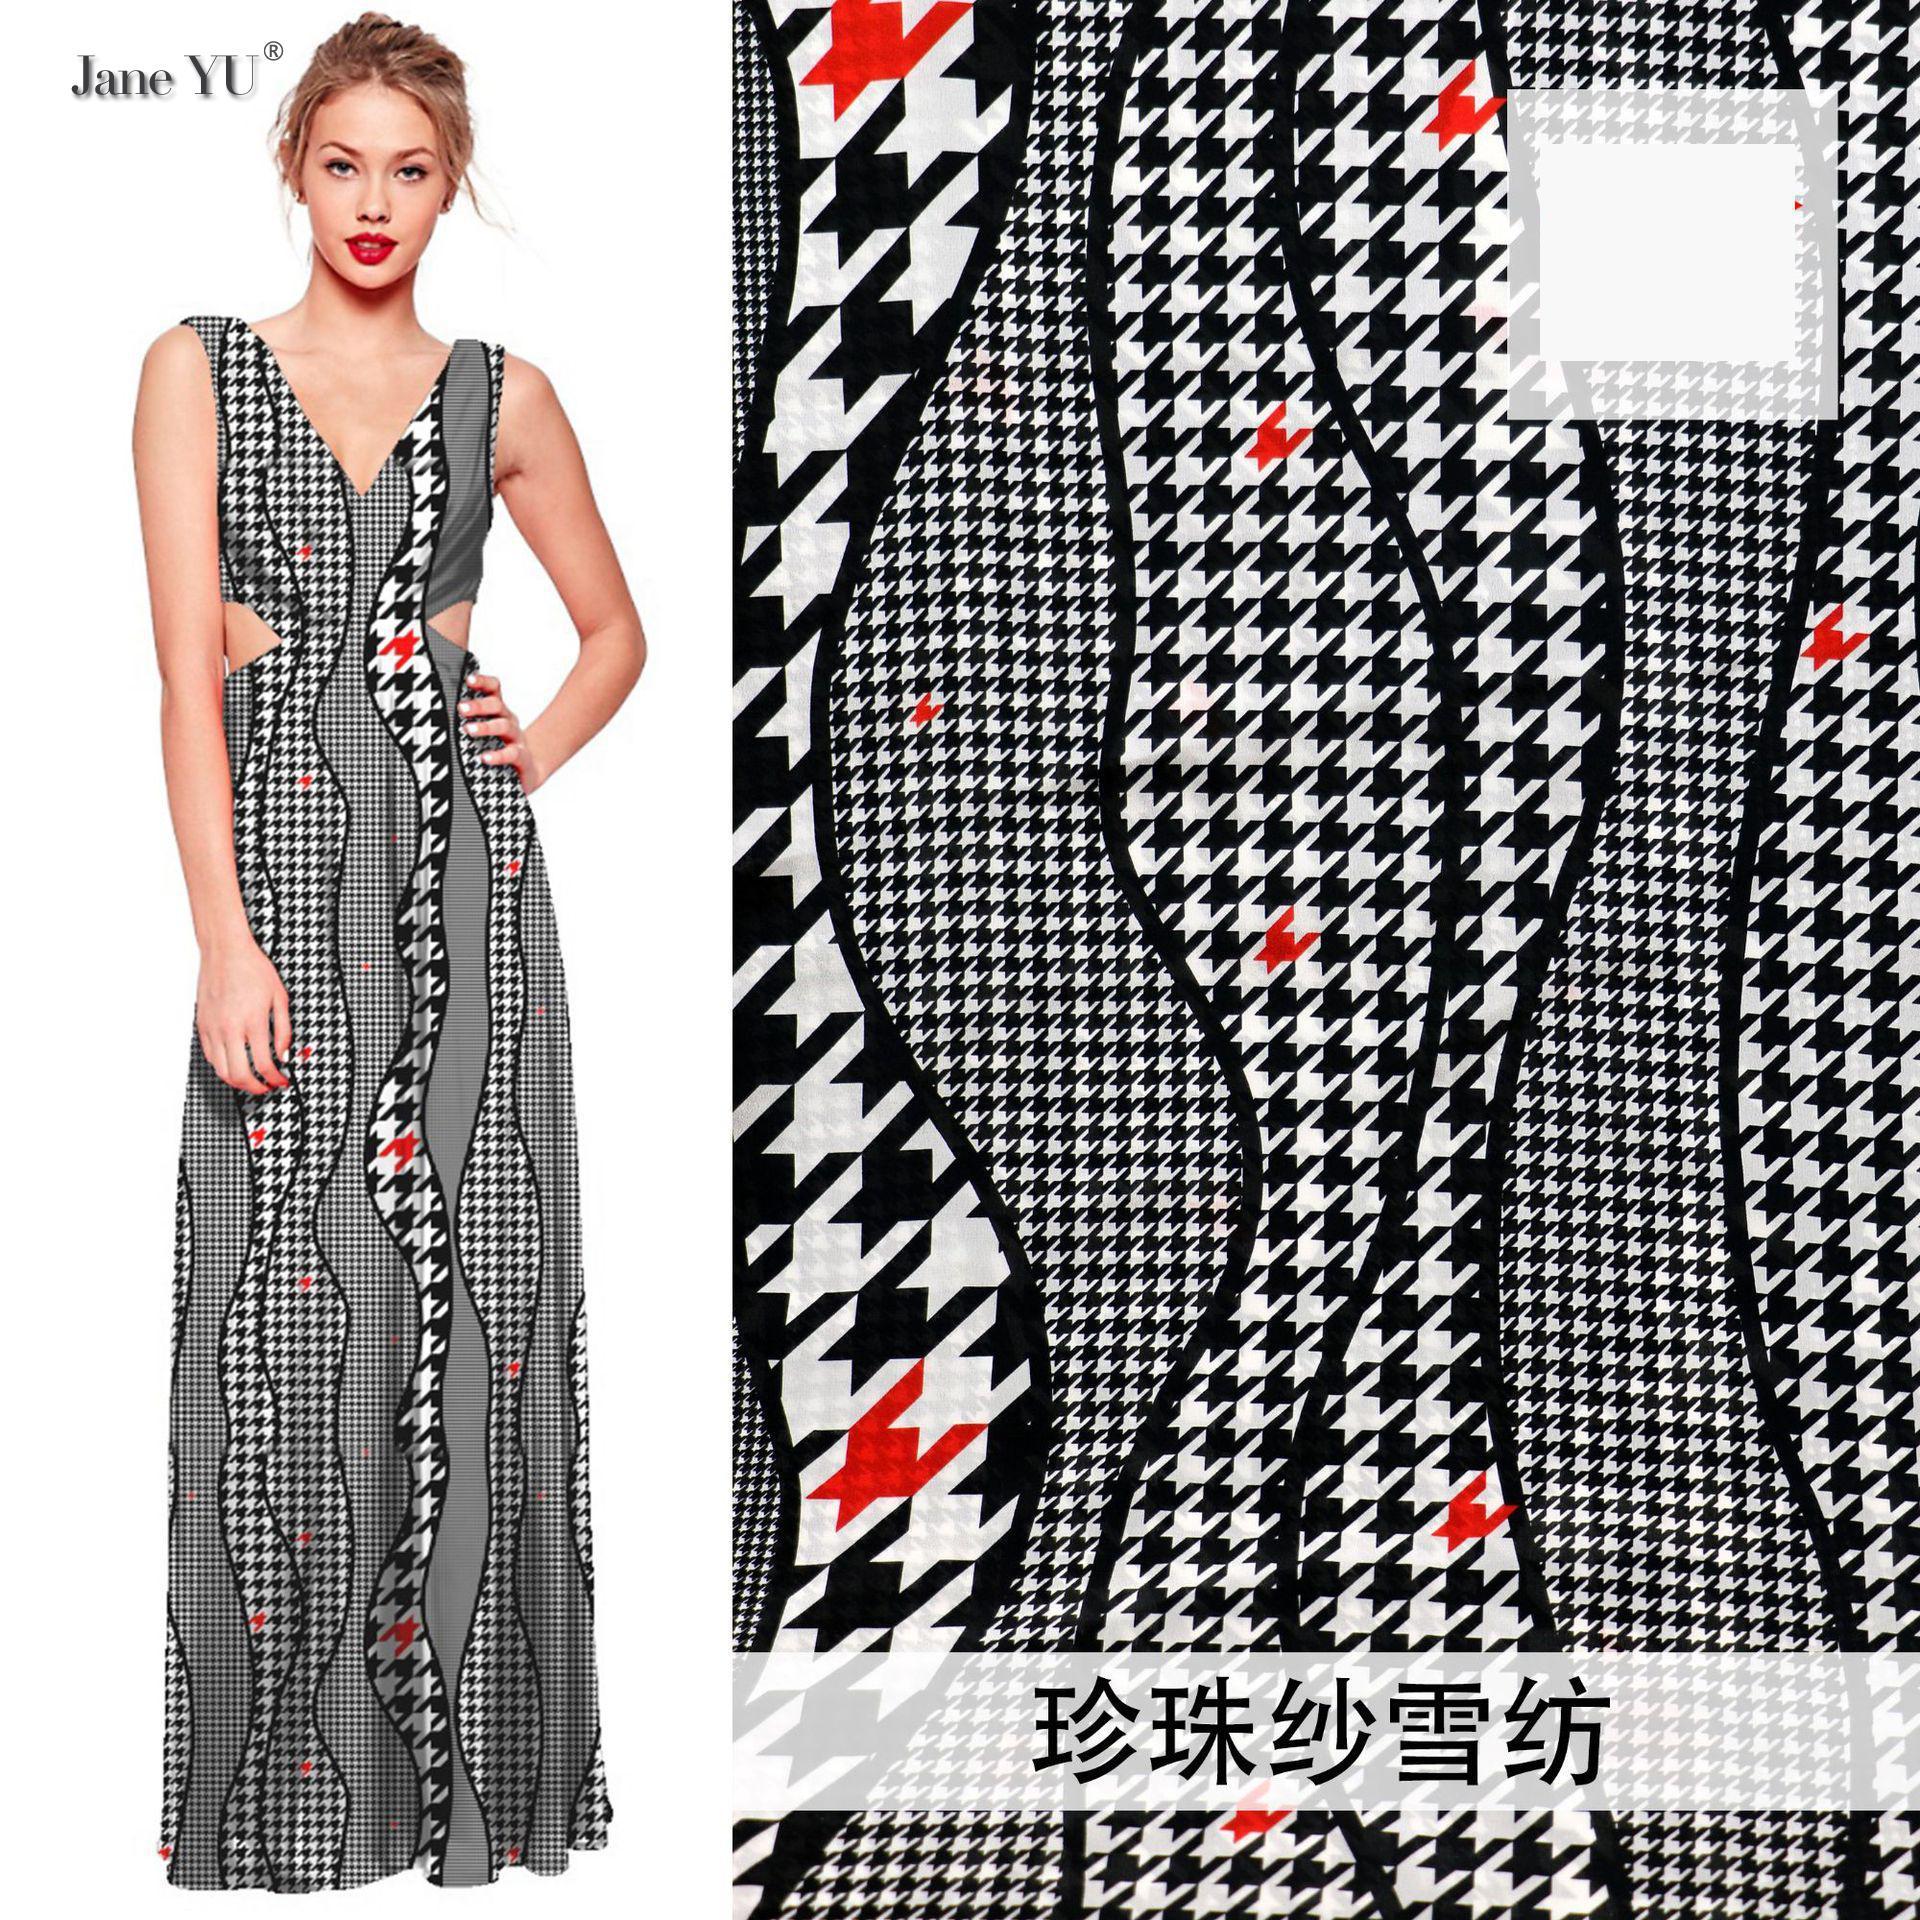 JaneYU 200x150cm 2019 nouveau tissu mousseline de soie imprimé robe tissu usine fournitures tissu mousseline de soie